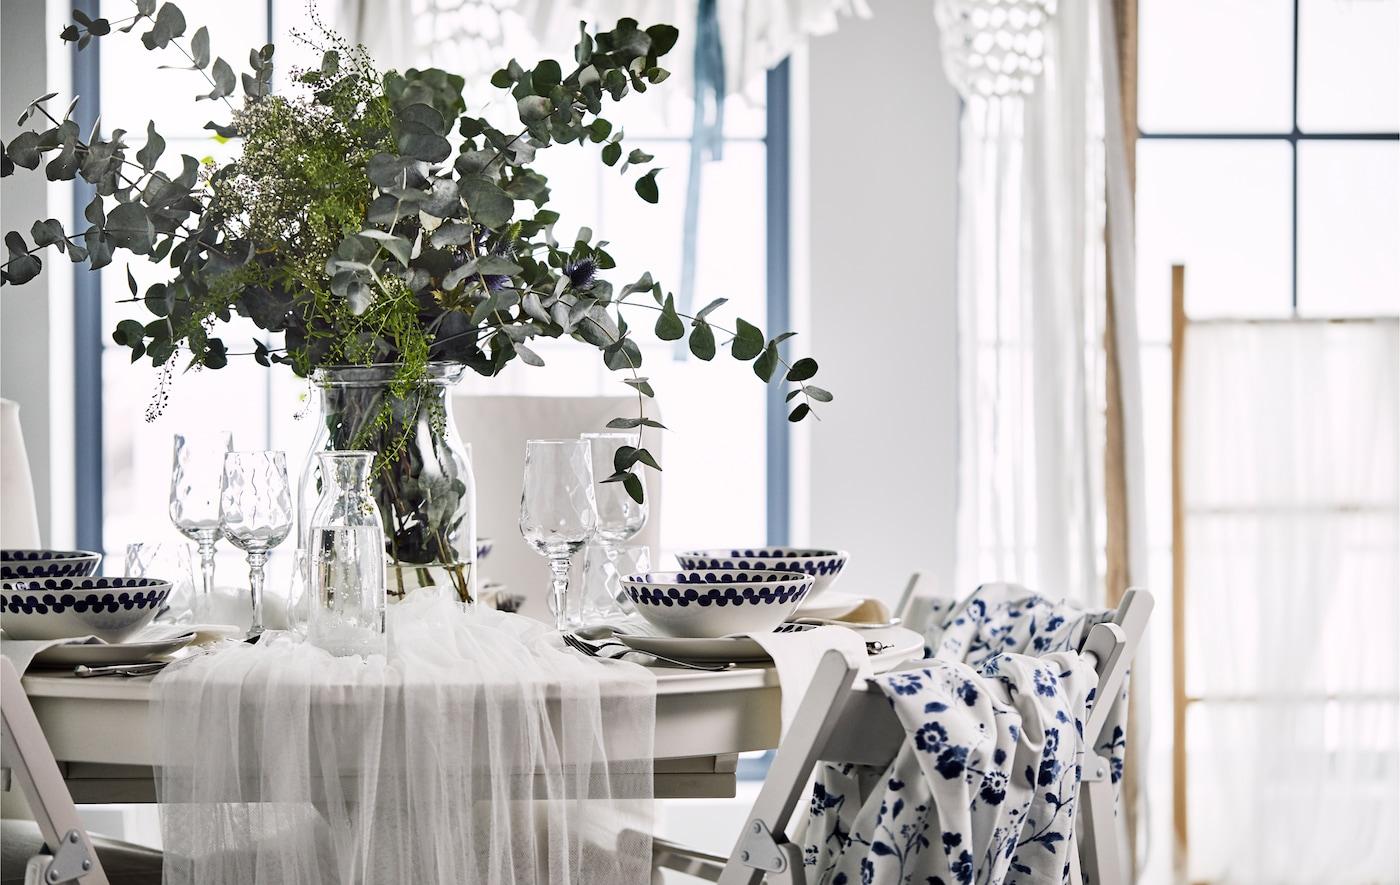 ترتيبات طاولة رومانسية مع تول أبيض يتدلى على طاولة مستديرة ومزهرية مع أزهار برية وأوراق يوكاليبتوس.